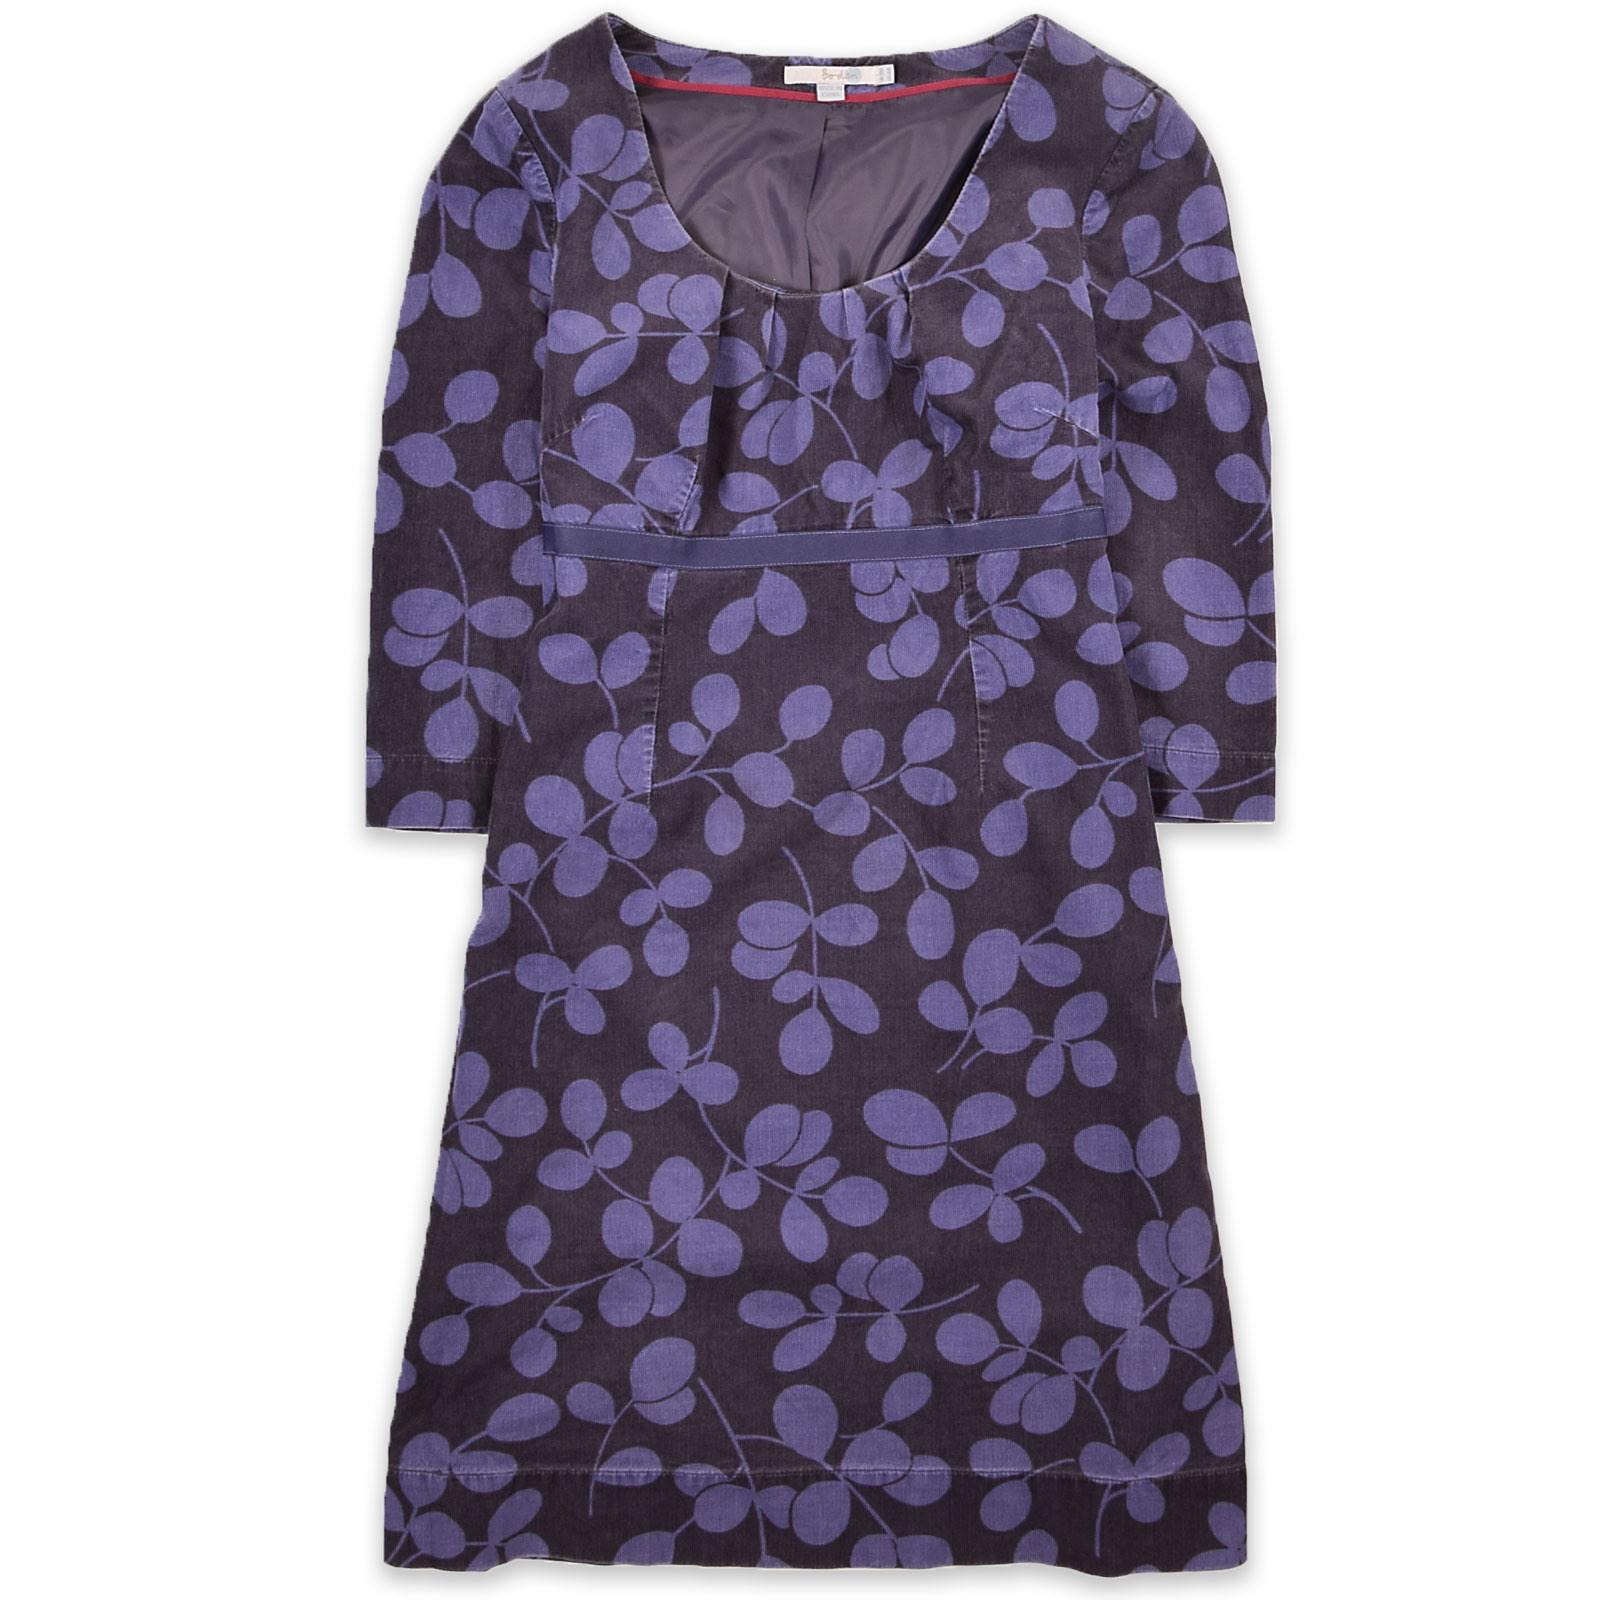 Boden Damen Kleid Dress Casual Freizeit Gr10 De38